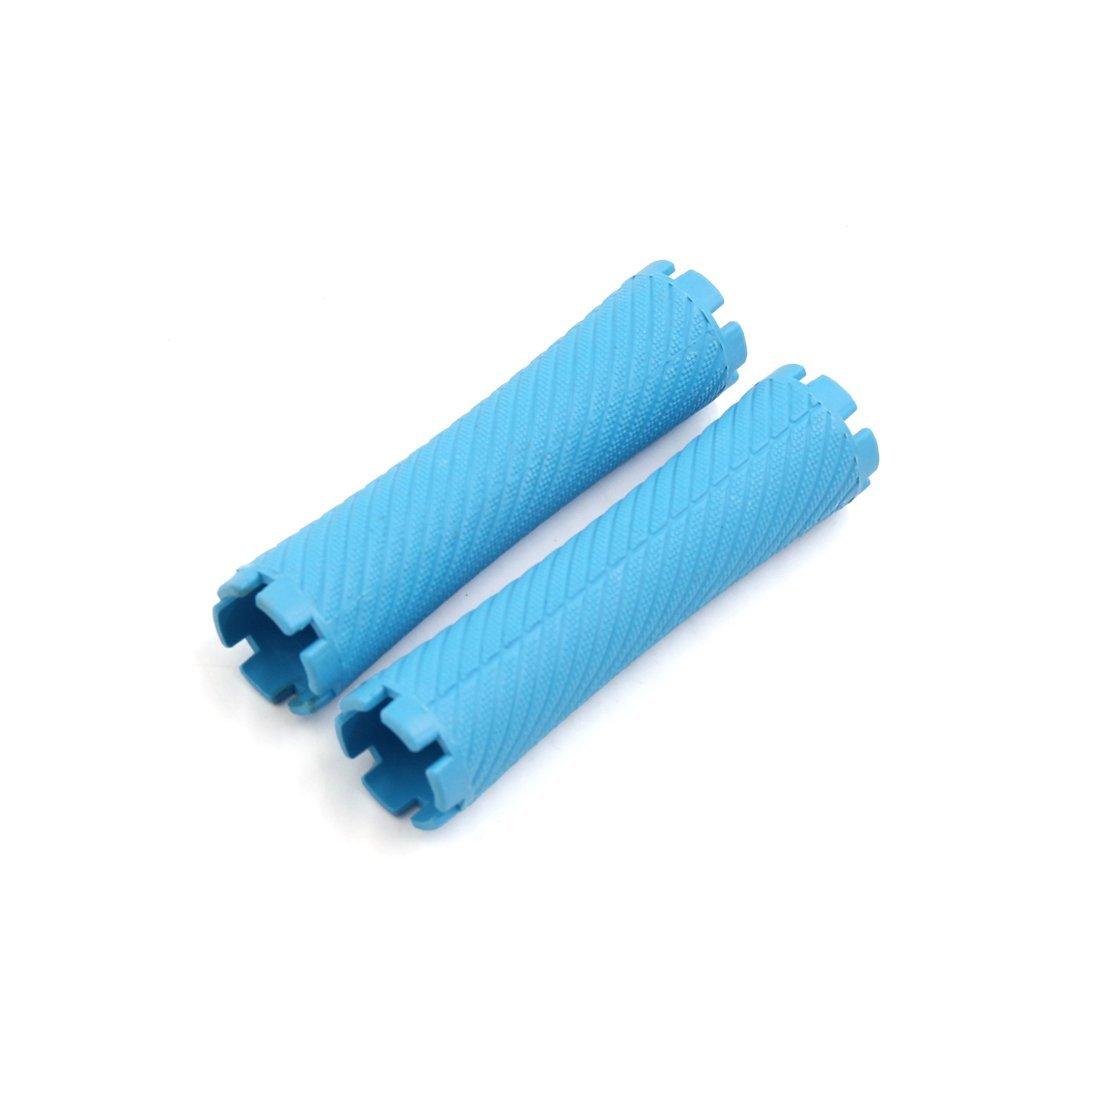 Amazon.com: eDealMax 20pcs plástico Azul de Estilismo Herramientas mismo sosteniendo rizador de Peinado Fabricante: Health & Personal Care